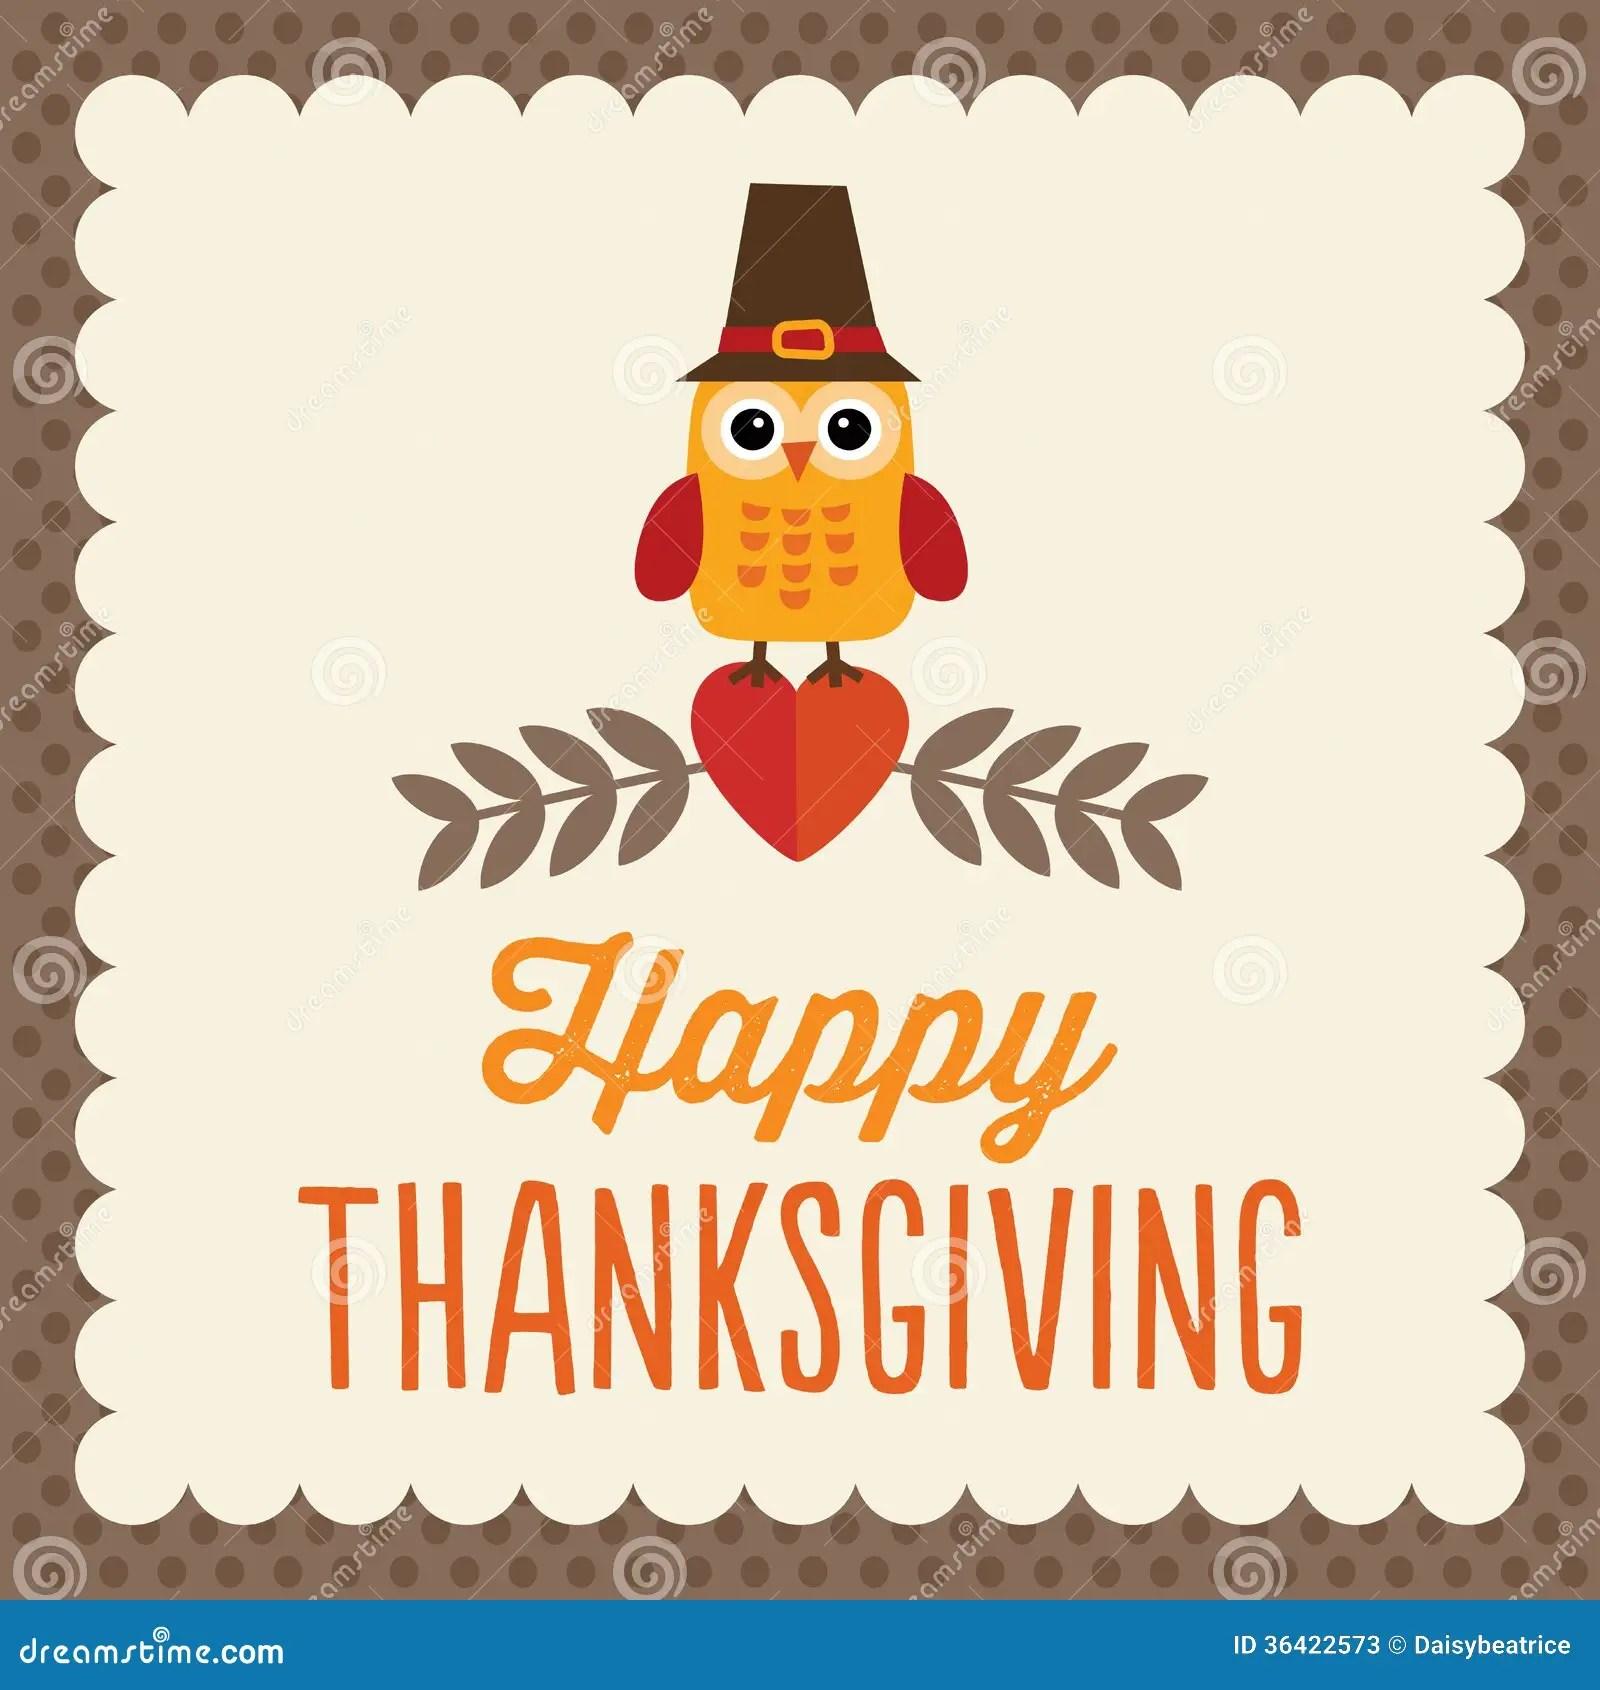 Cute Thanksgiving Card Stock Vector Illustration Of Bird 36422573